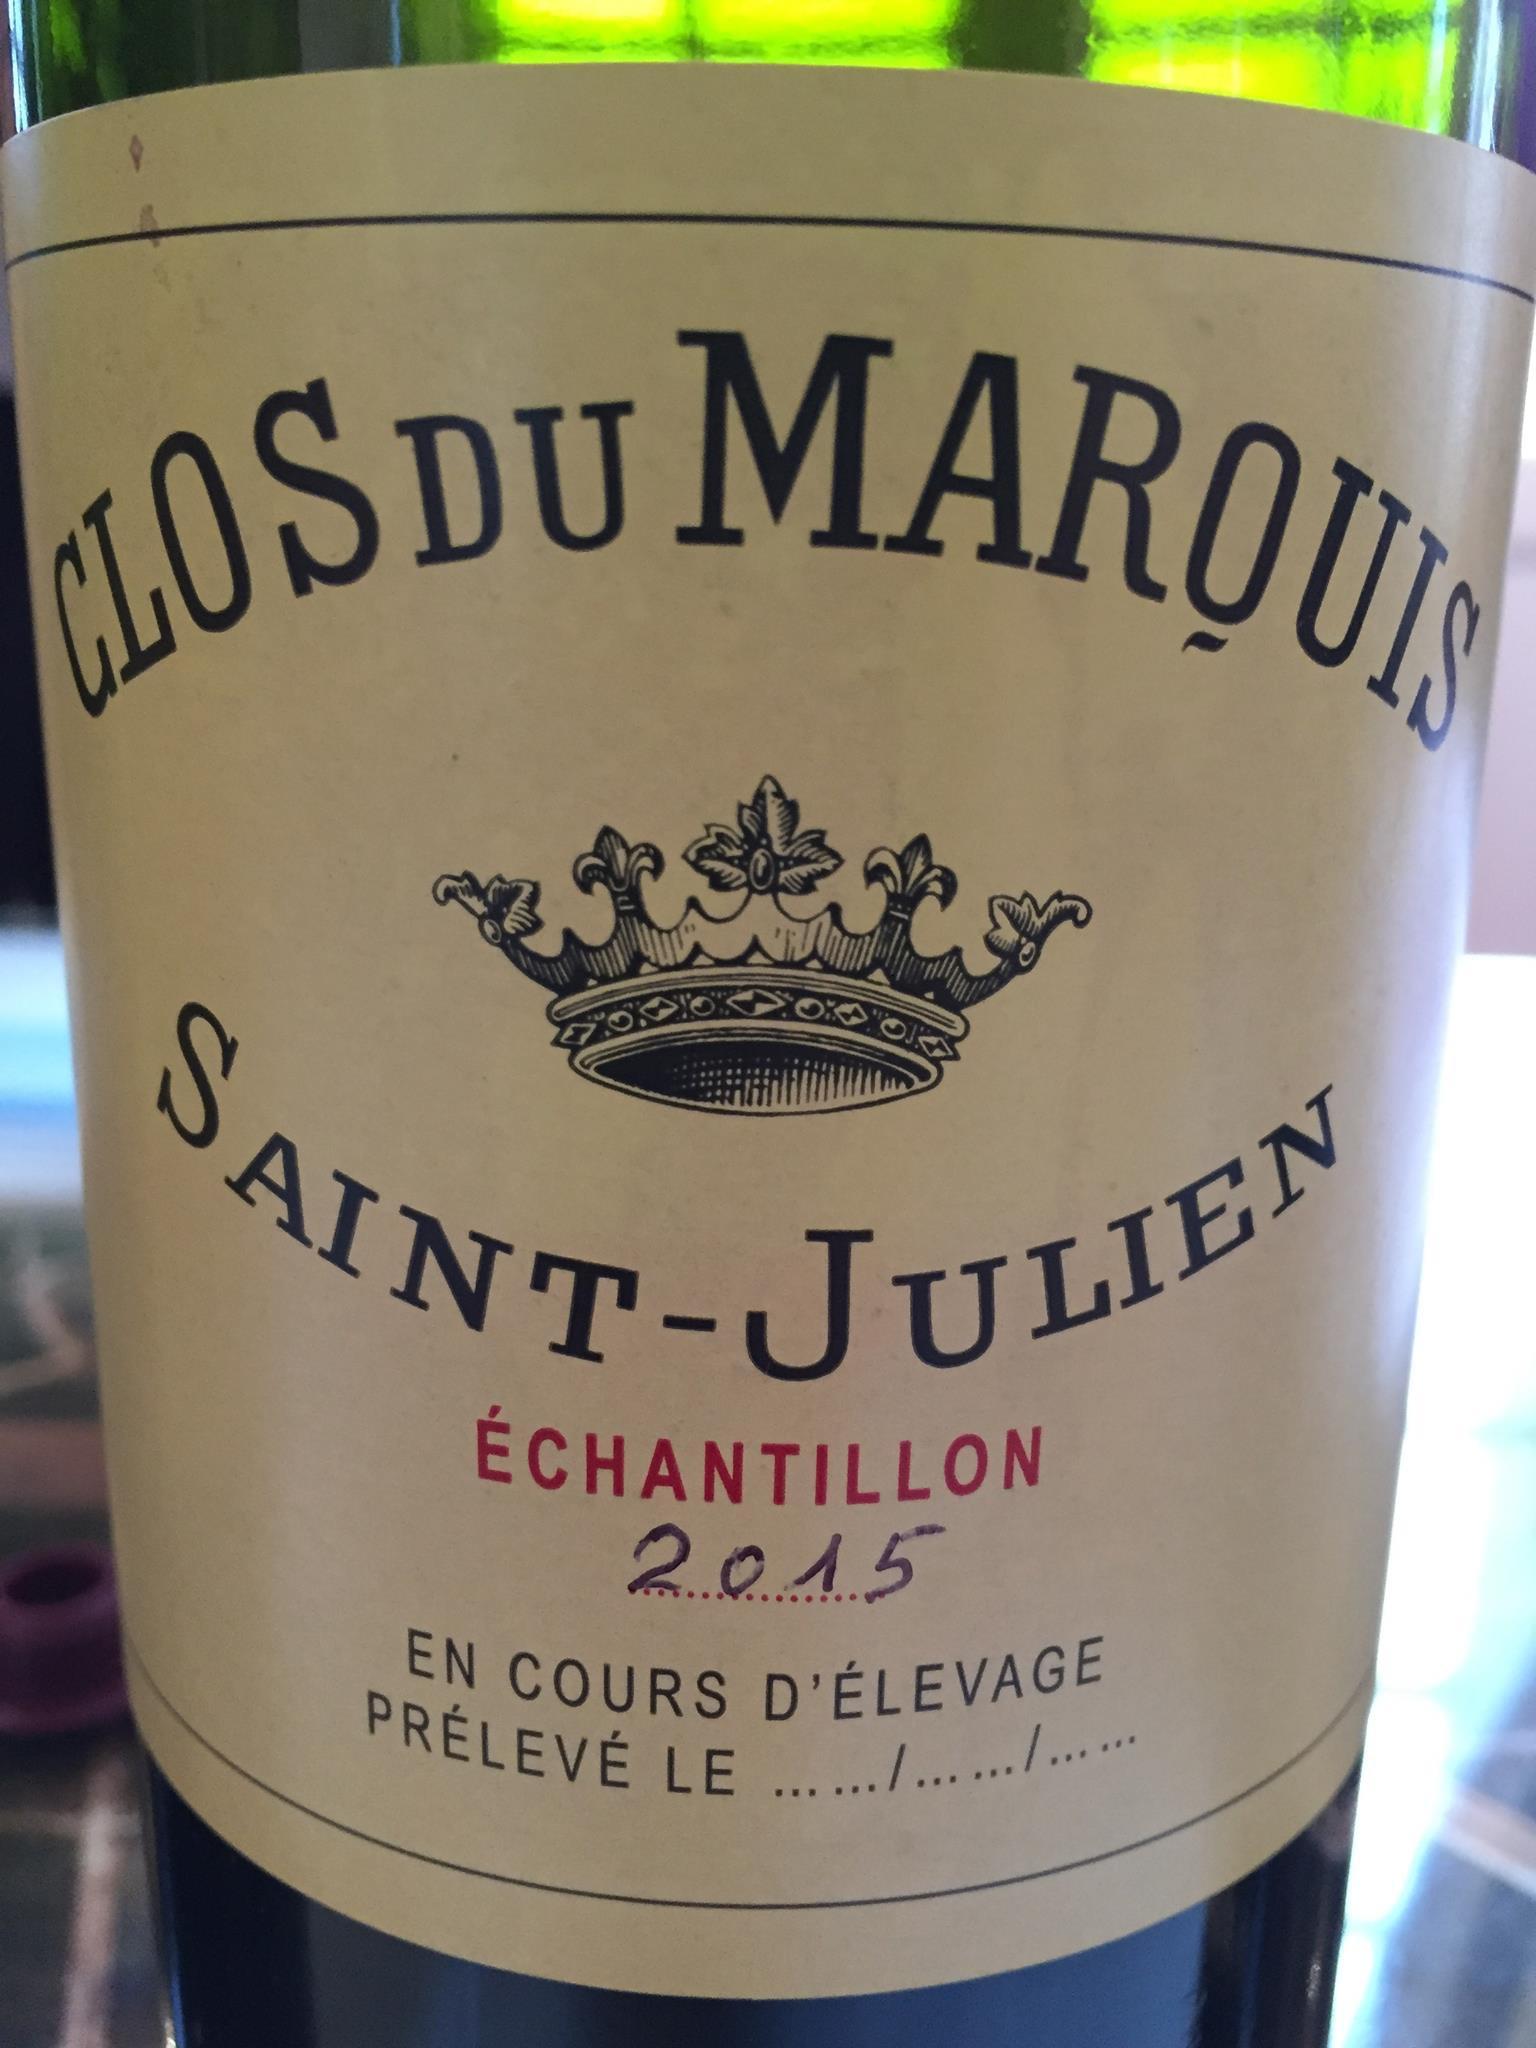 Clos du Marquis 2015 – Saint-Julien